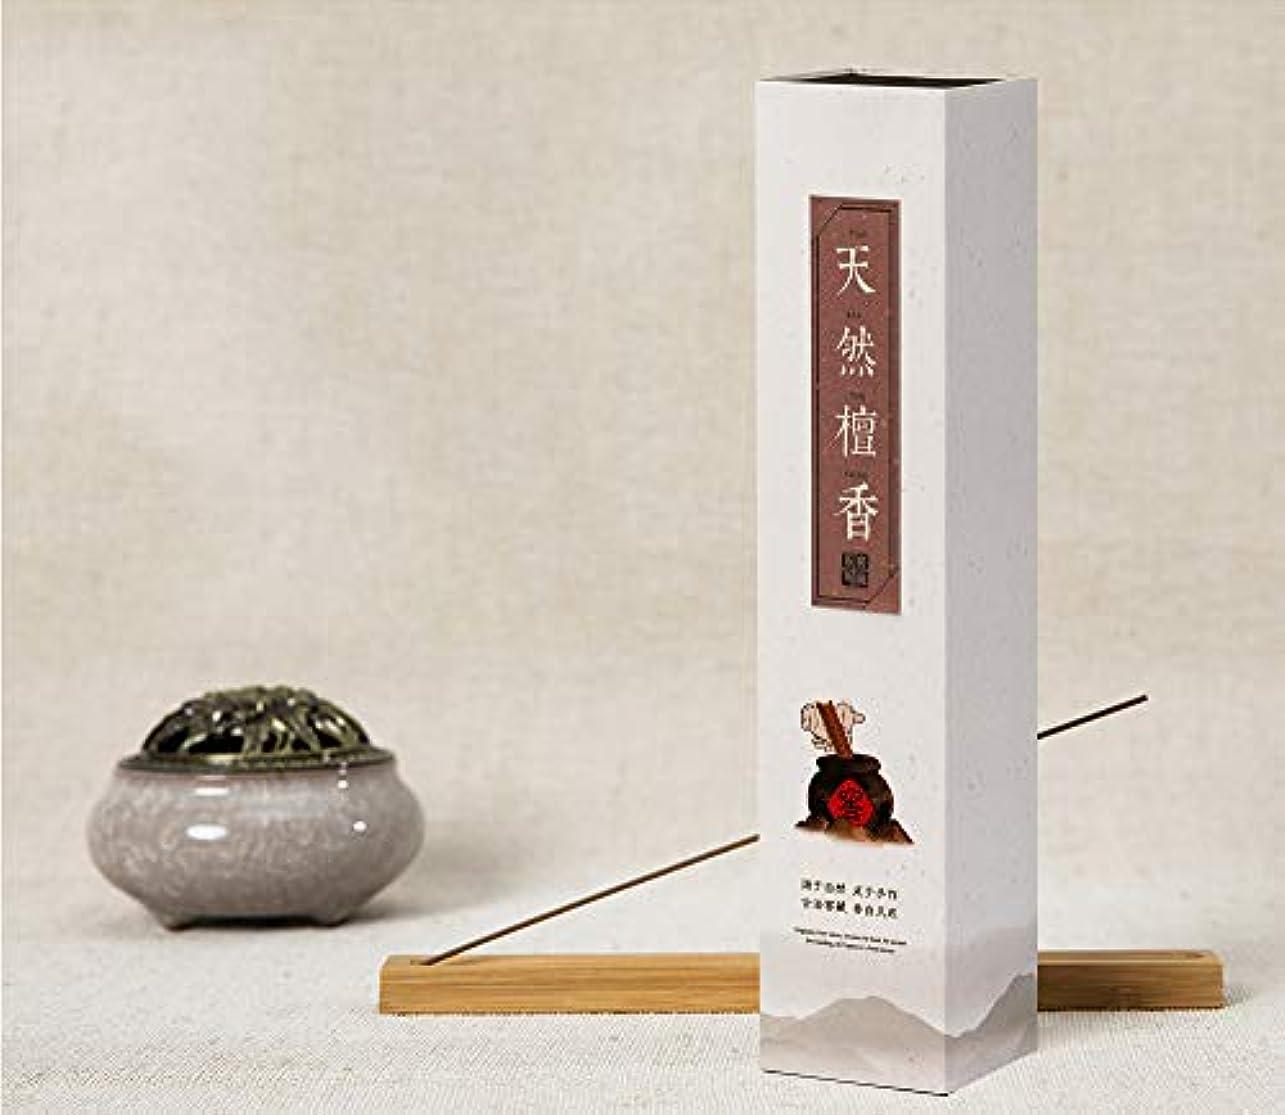 石の五家庭教師HwaGui - お線香 天然檀香 インセンス 香るスティック 養心安神 お香ギフト 21cm 0.75時間